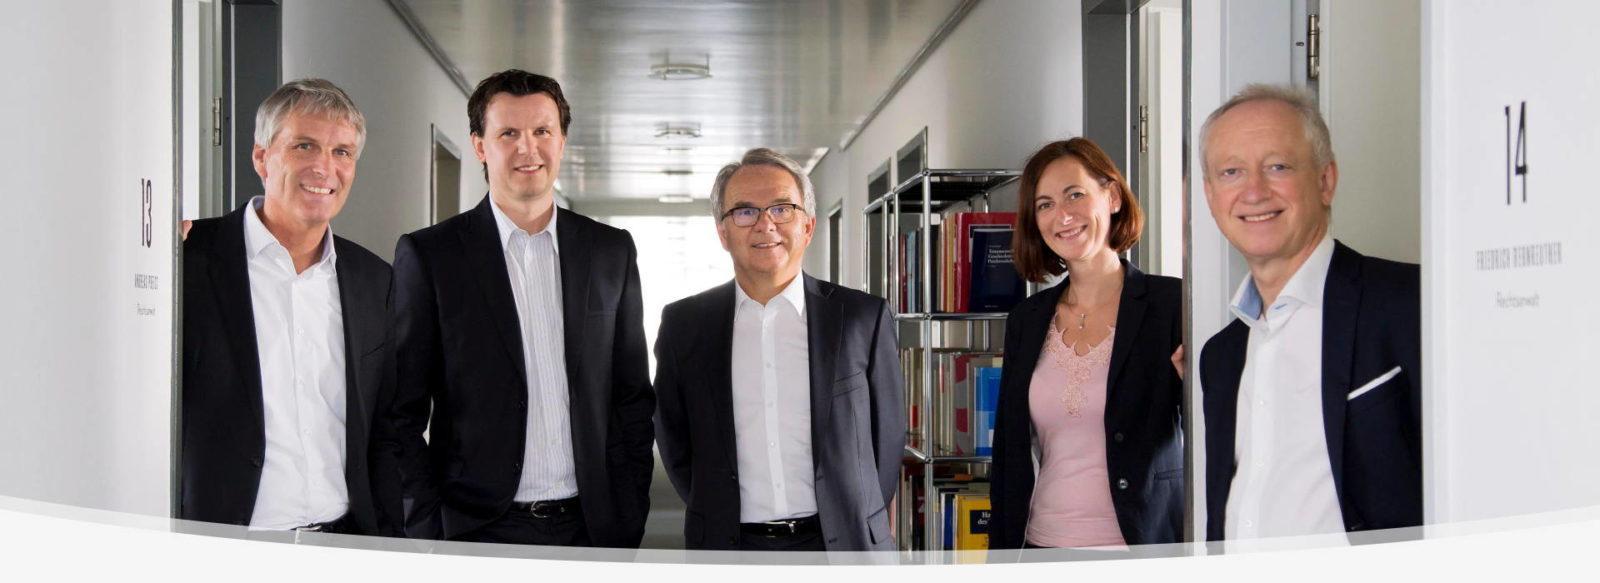 Anwalt & Rechtanwalt für Steuerrecht München